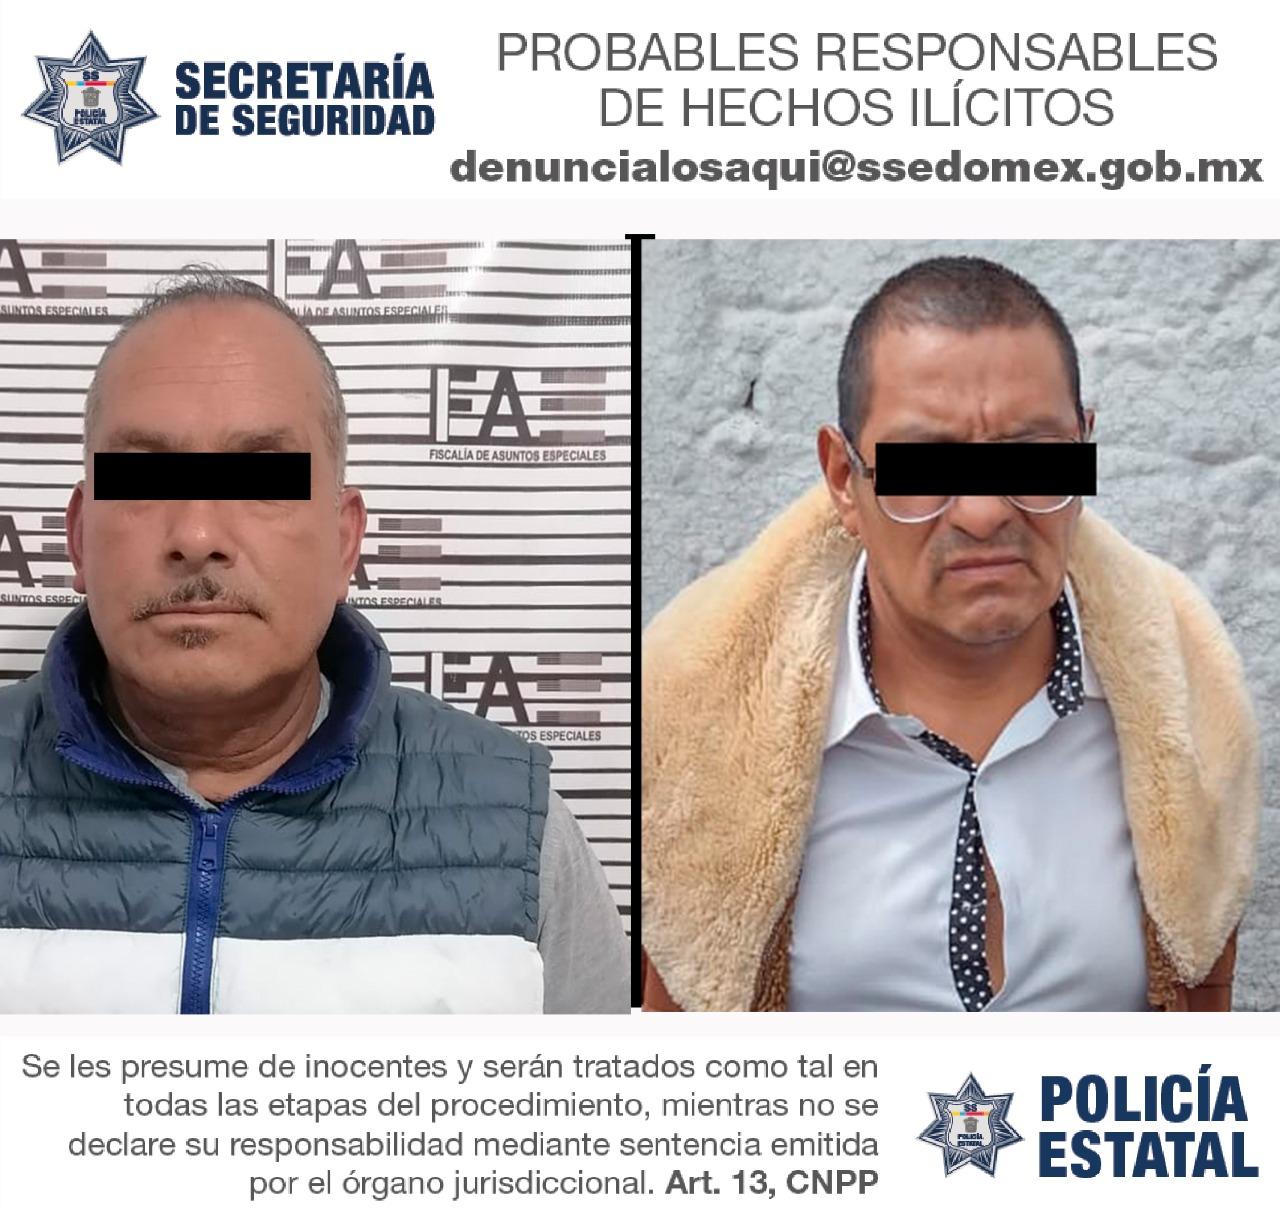 DETIENEN EN ZINACANTEPEC A 2 SUJETOS PRESUNTAMENTE IMPLICADOS EN DELITOS CONTRA LA SALUD